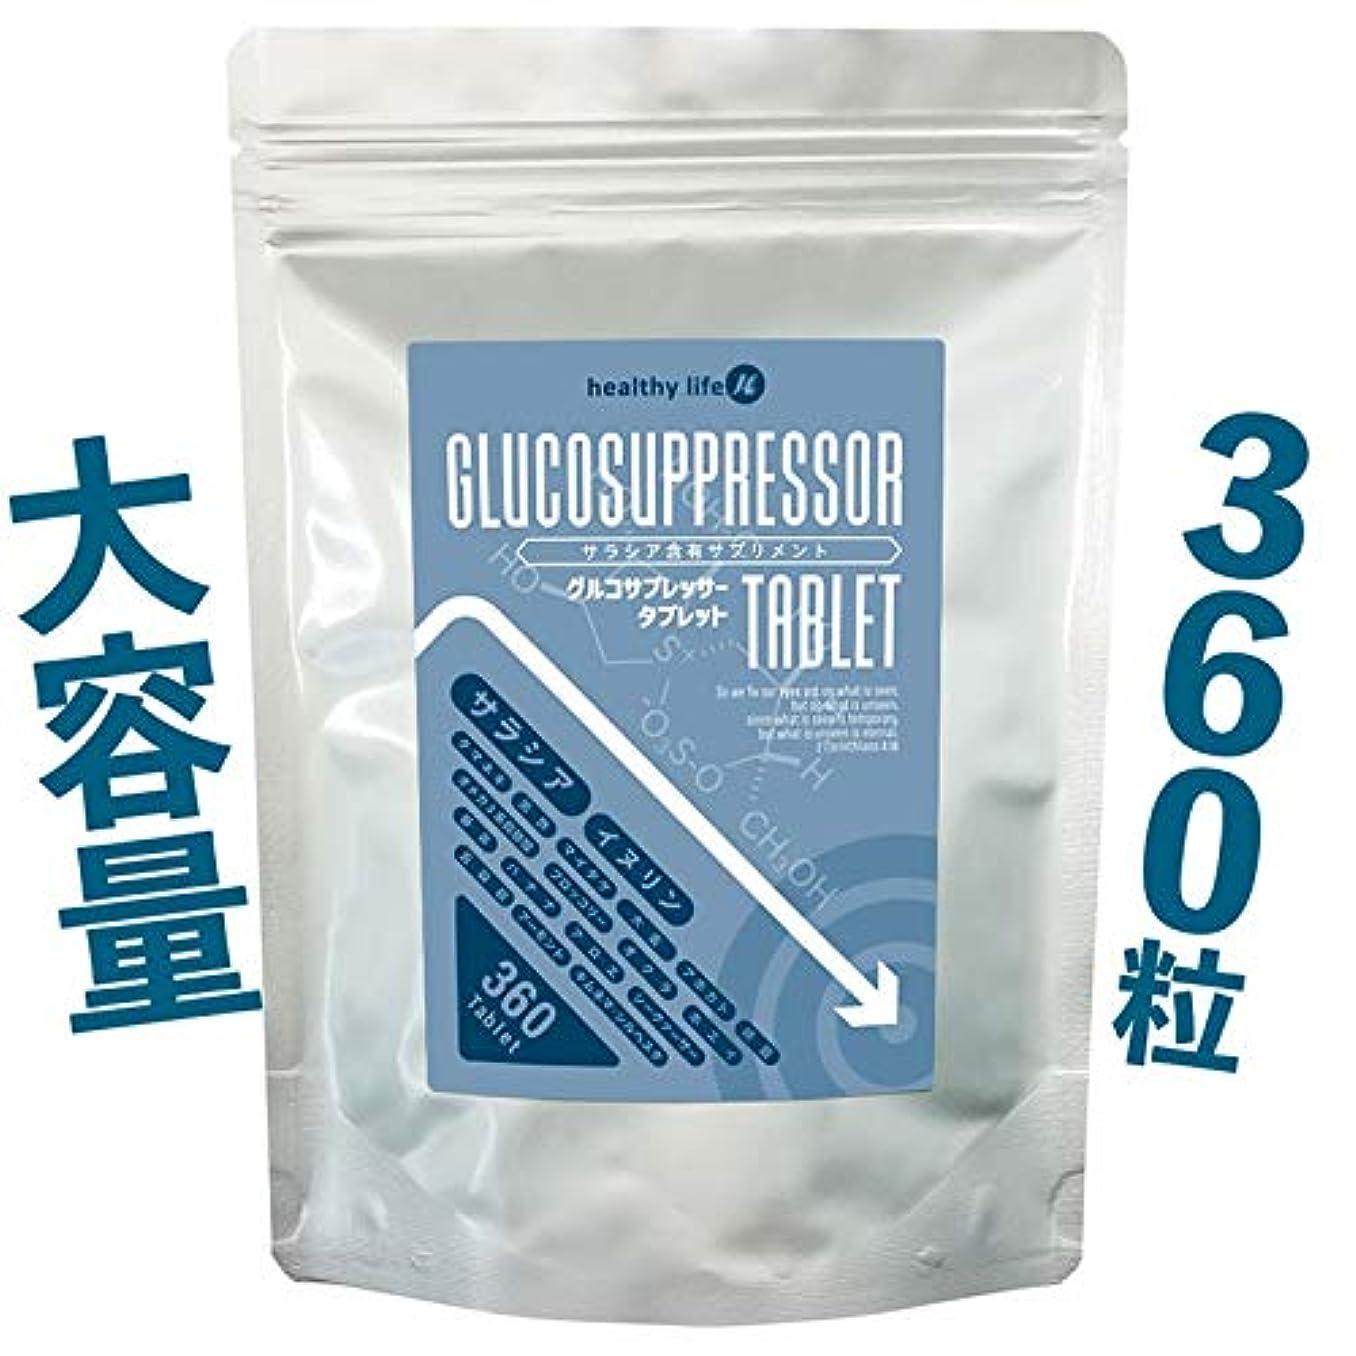 こだわりノベルティワンダーhealthylife グルコサプレッサー【大容量約6か月分】